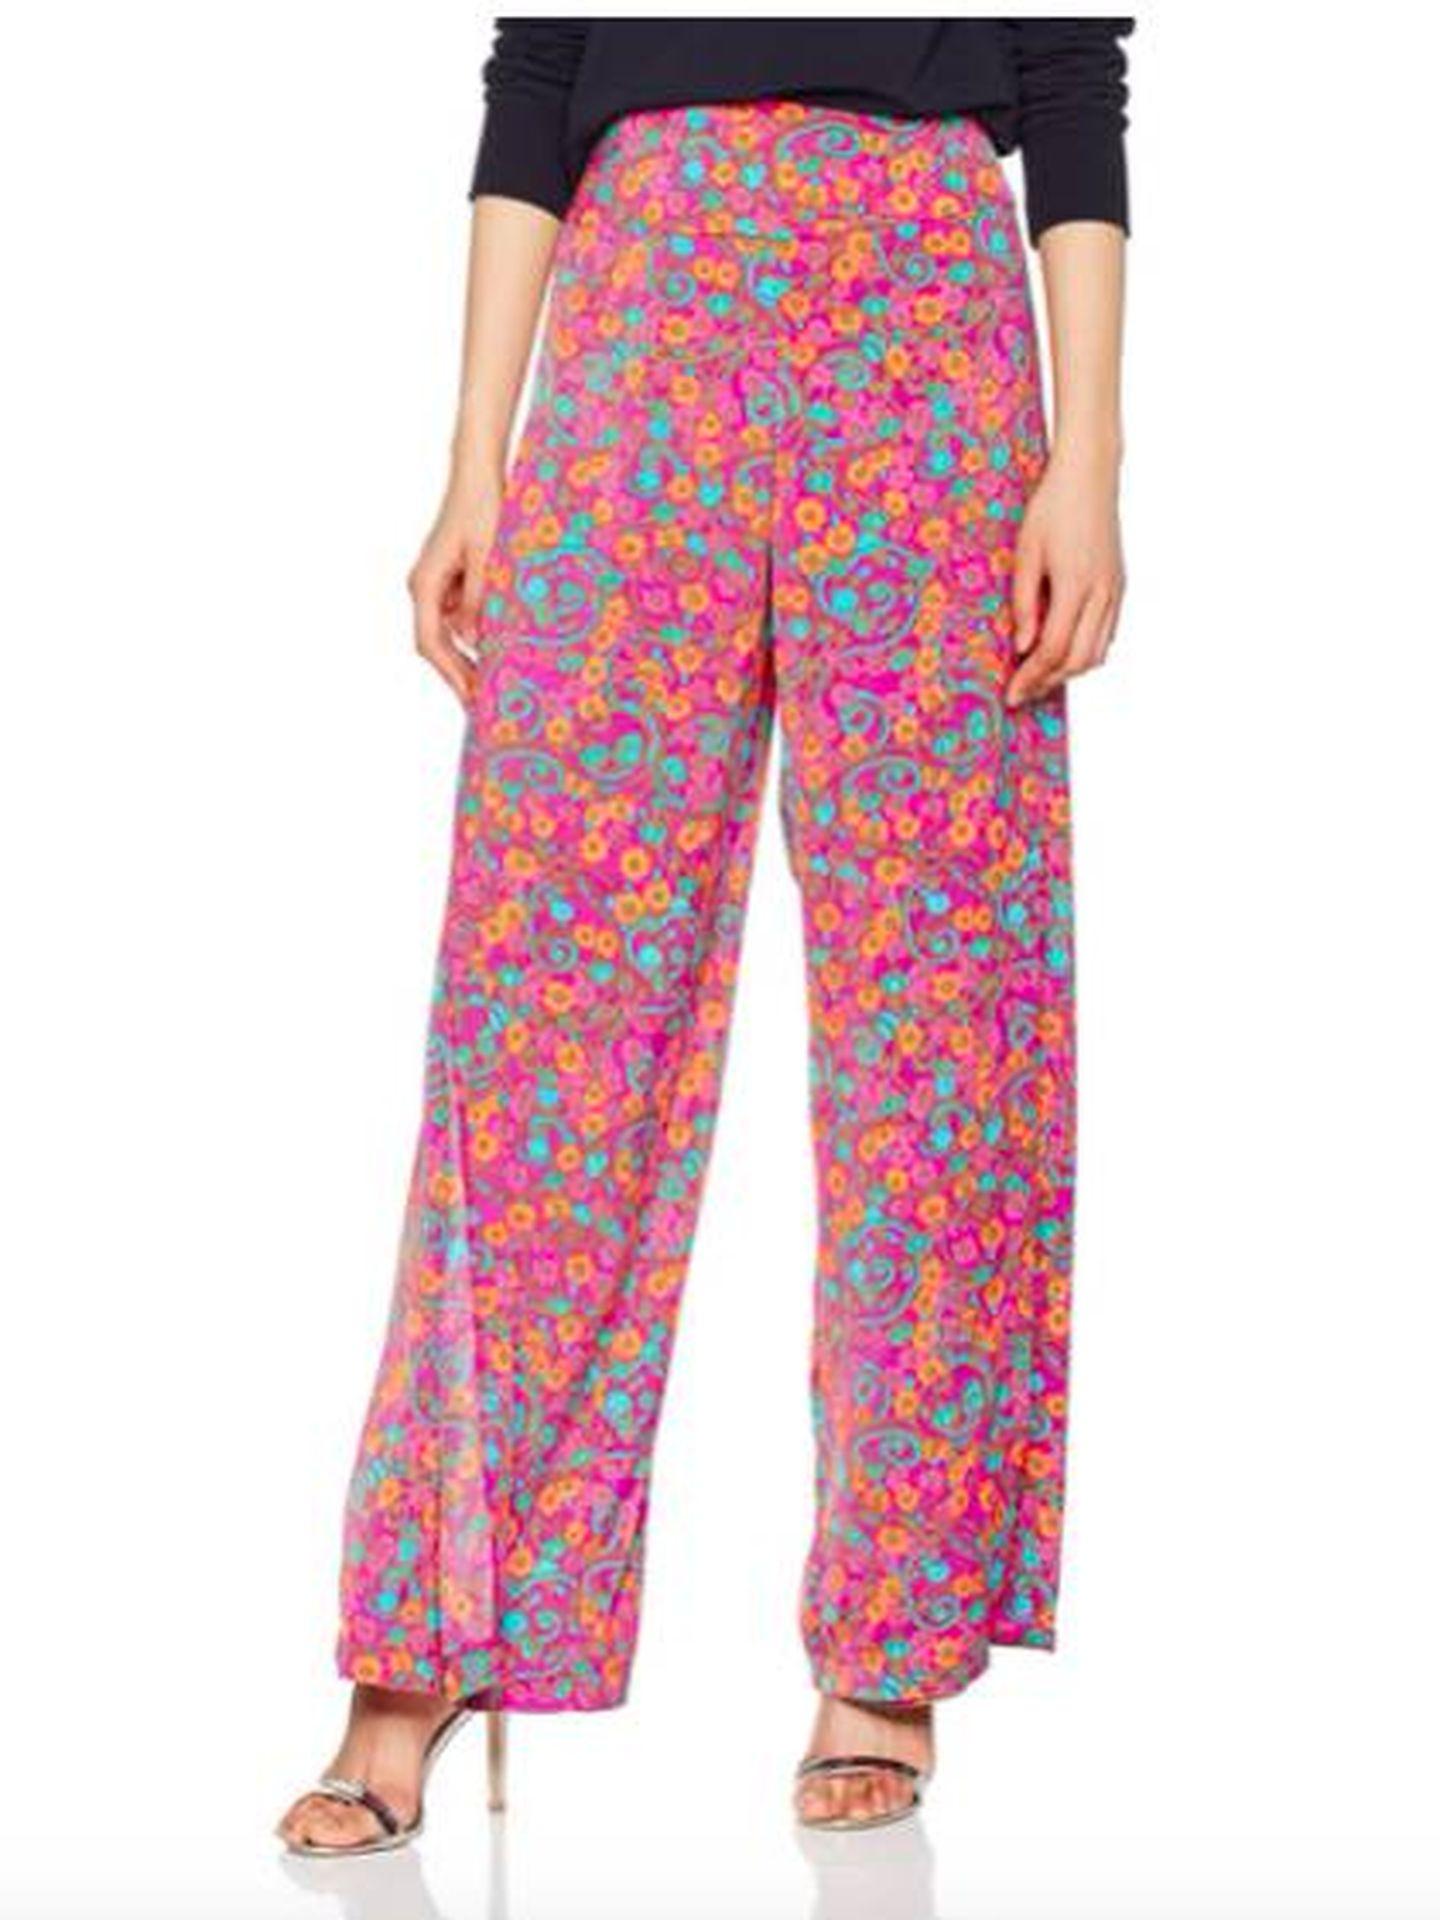 Pantalón de Intropia ideal para el verano. (Cortesía)